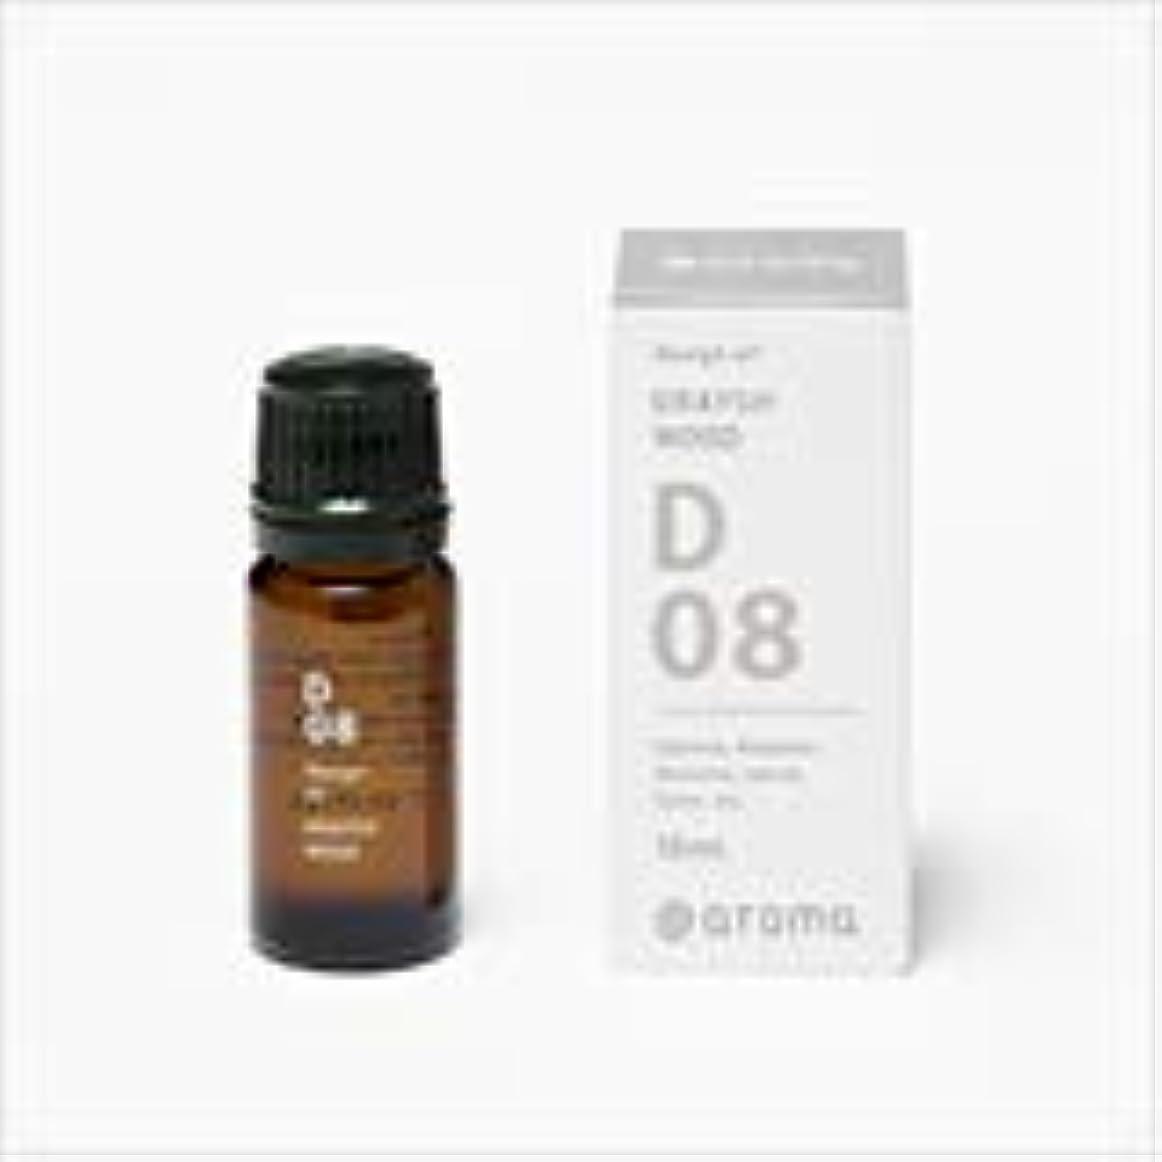 知覚する一回過敏なアットアロマ 100%pure essential oil <Design air コンフォートリラックス>